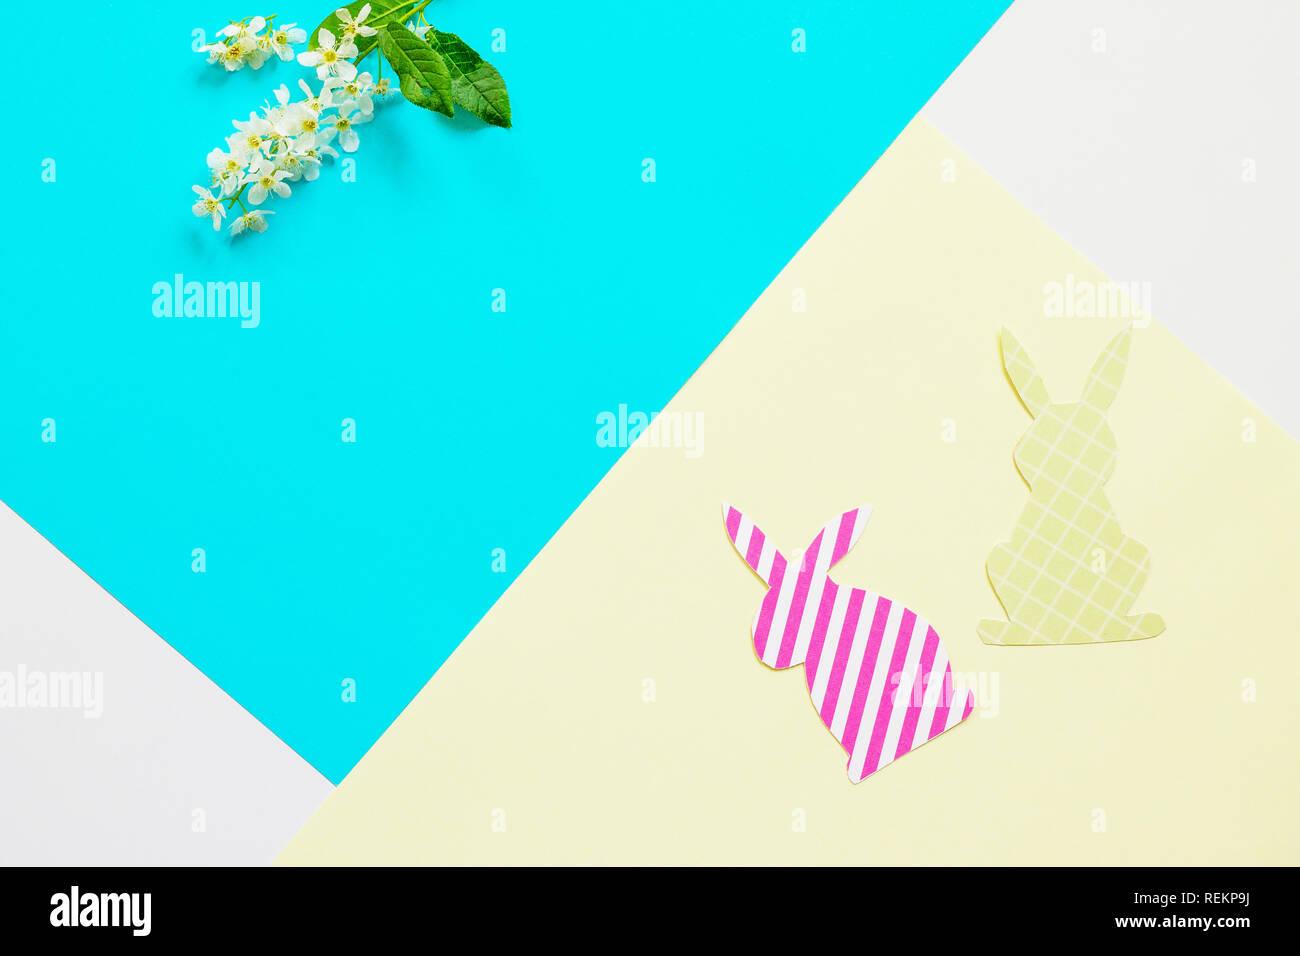 Conejito de Pascua de papel y las flores de la primavera. Mínimo concepto de pascua. Vista superior de la lay de fondo plano. Copie el espacio. Foto de stock